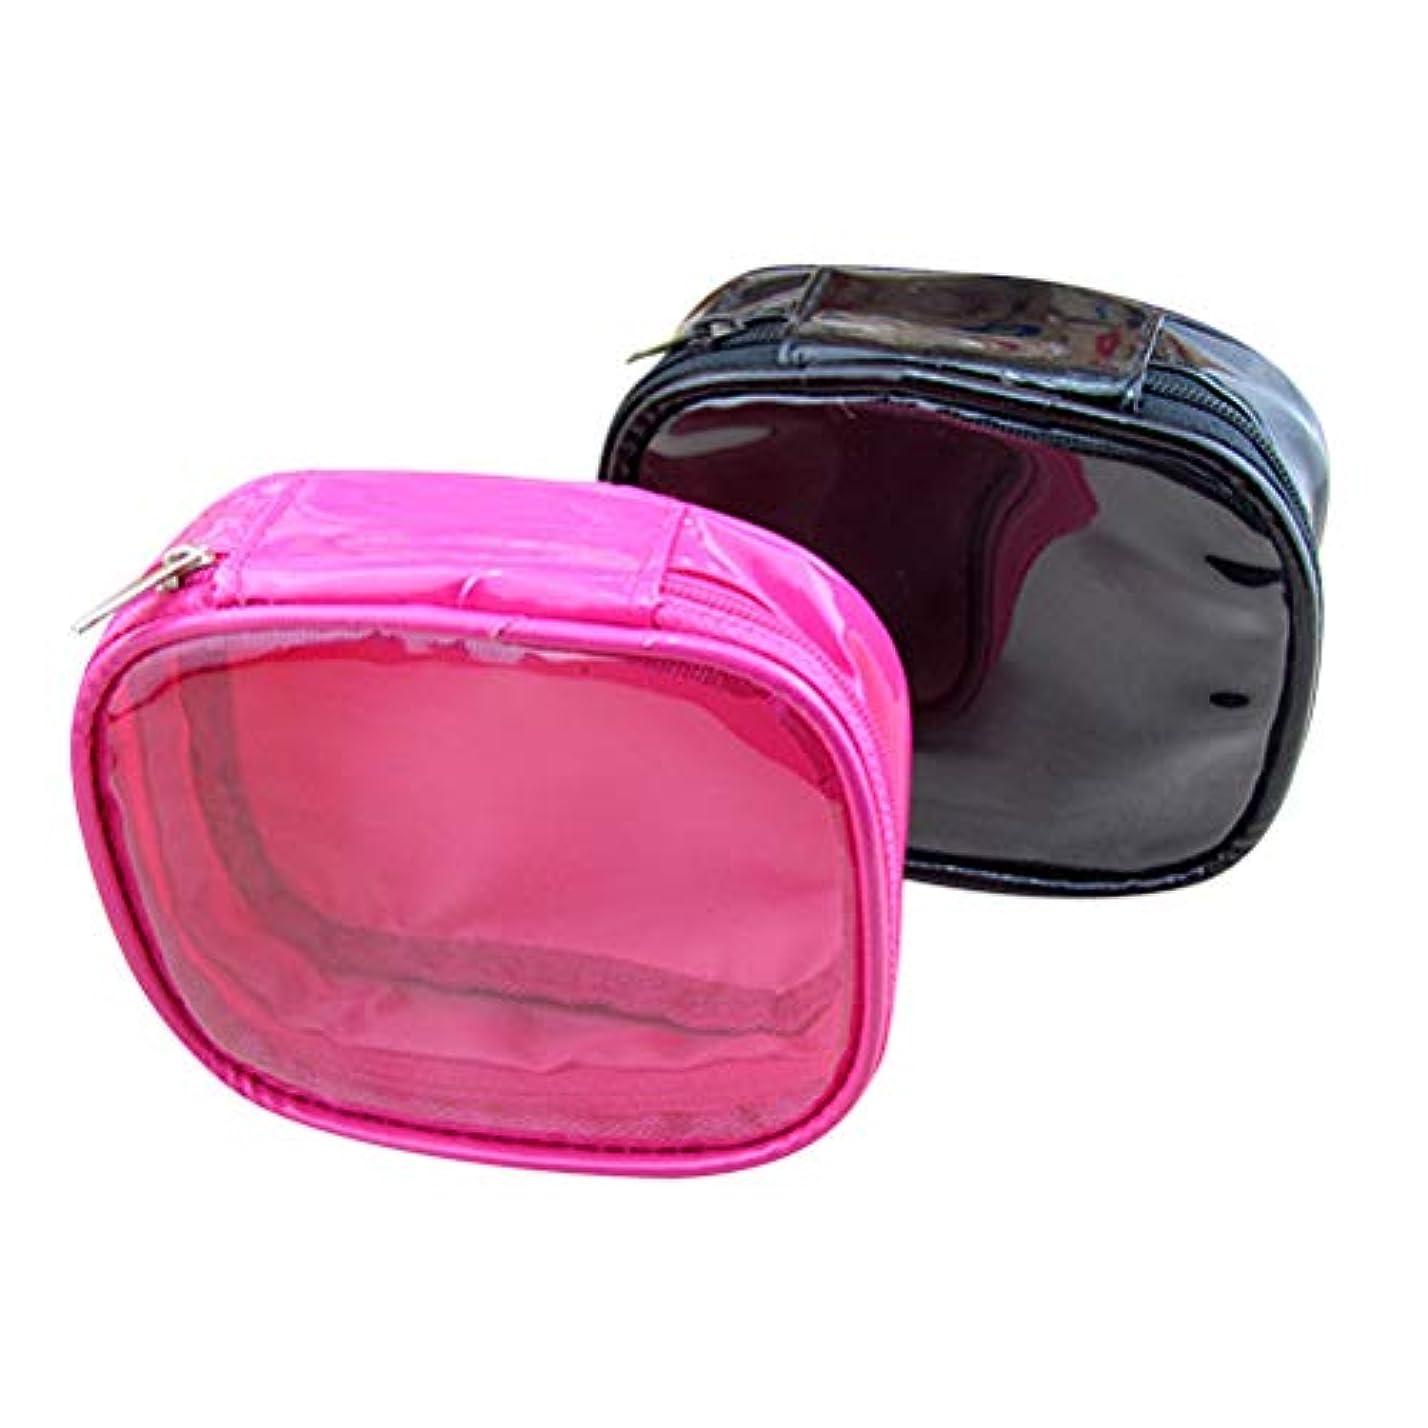 戻る準備郵便屋さんSUPVOX SUPVOXコンタクトレンズバッグ防水化粧品バッグPUトイレタリーコンテナポーチ2個(アソートカラー)